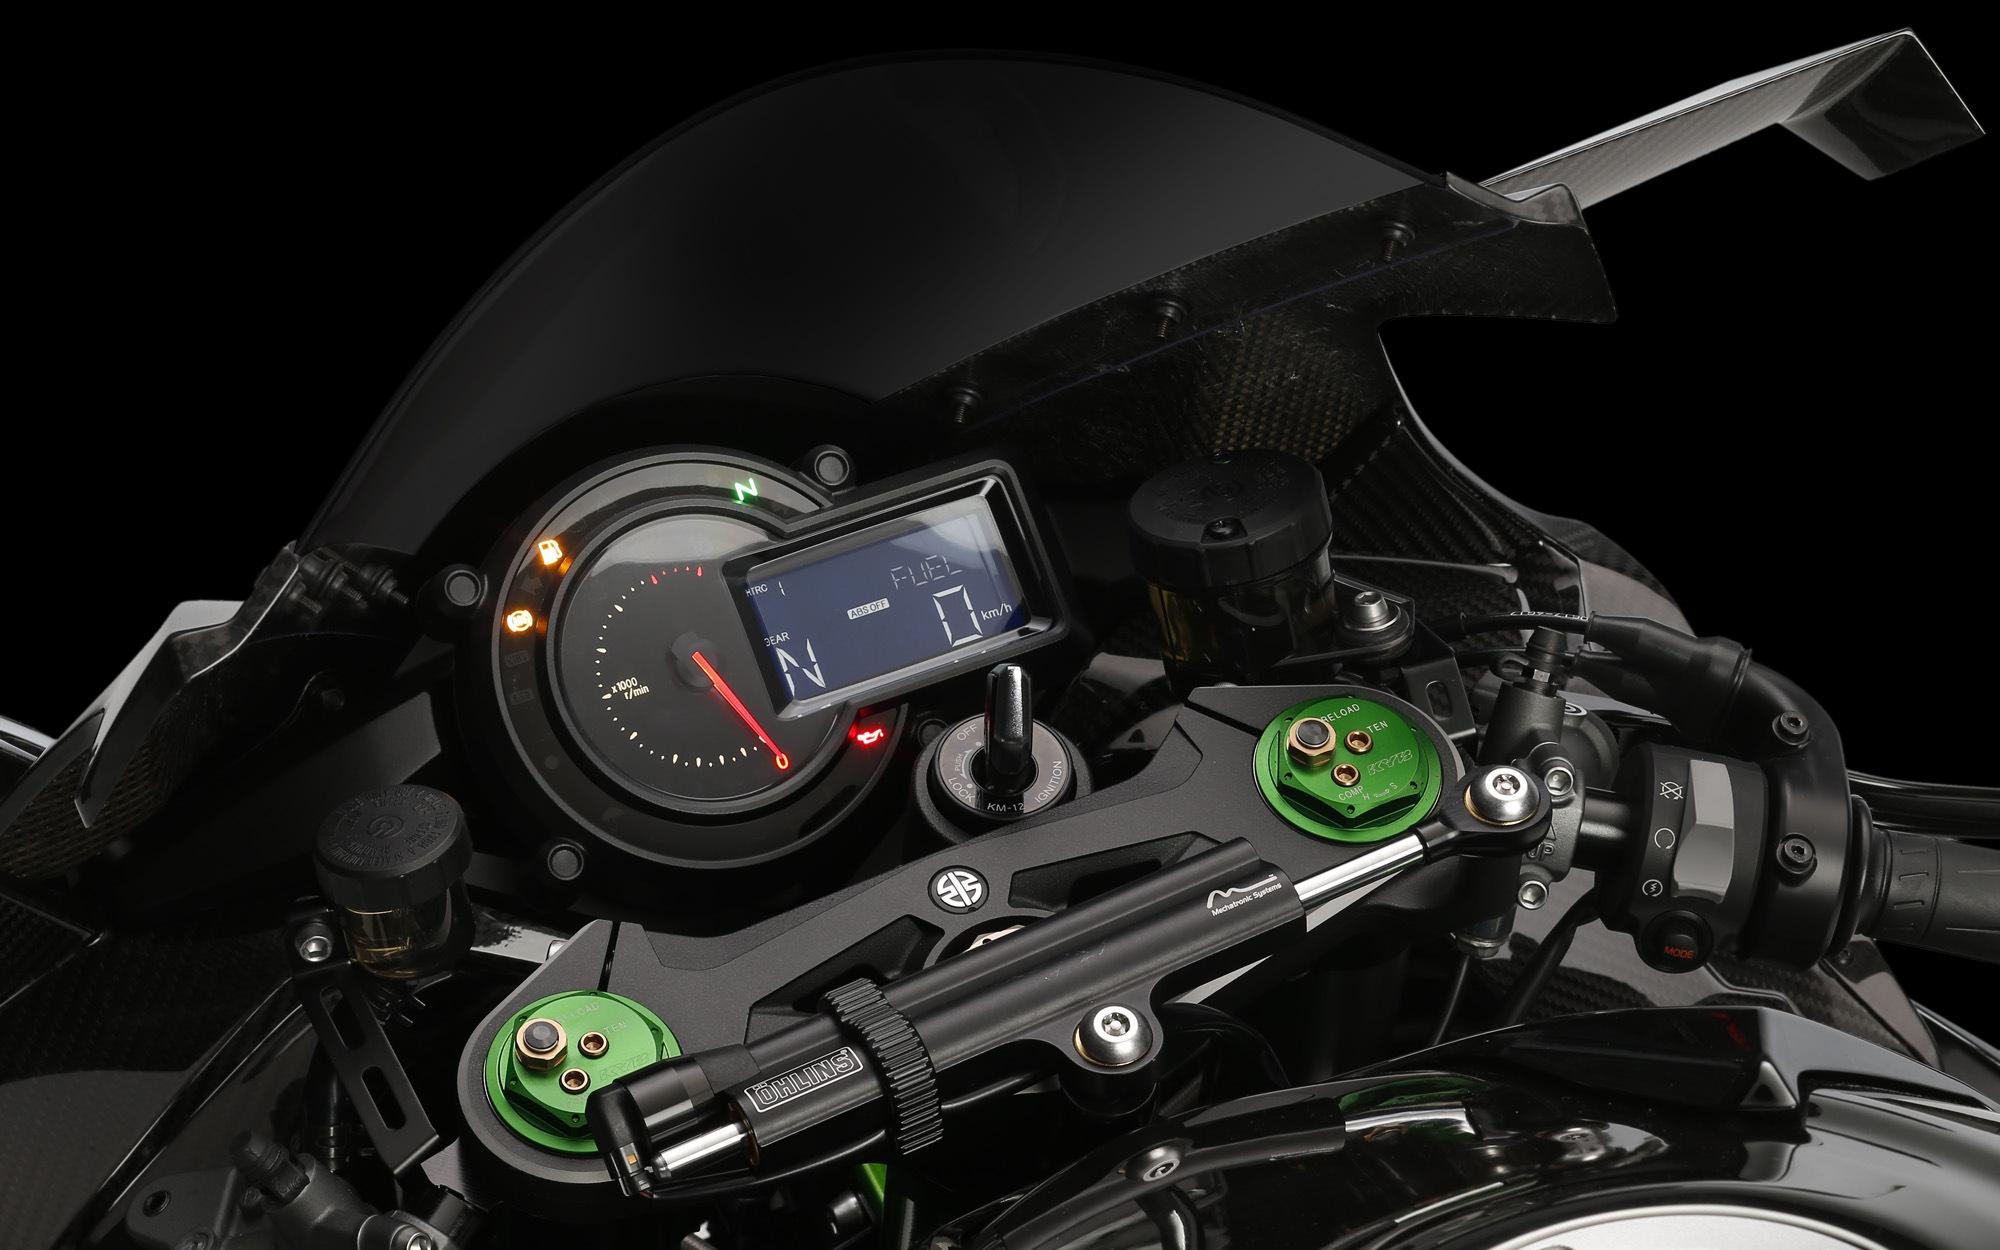 Kawasaki Ninja H2r 12